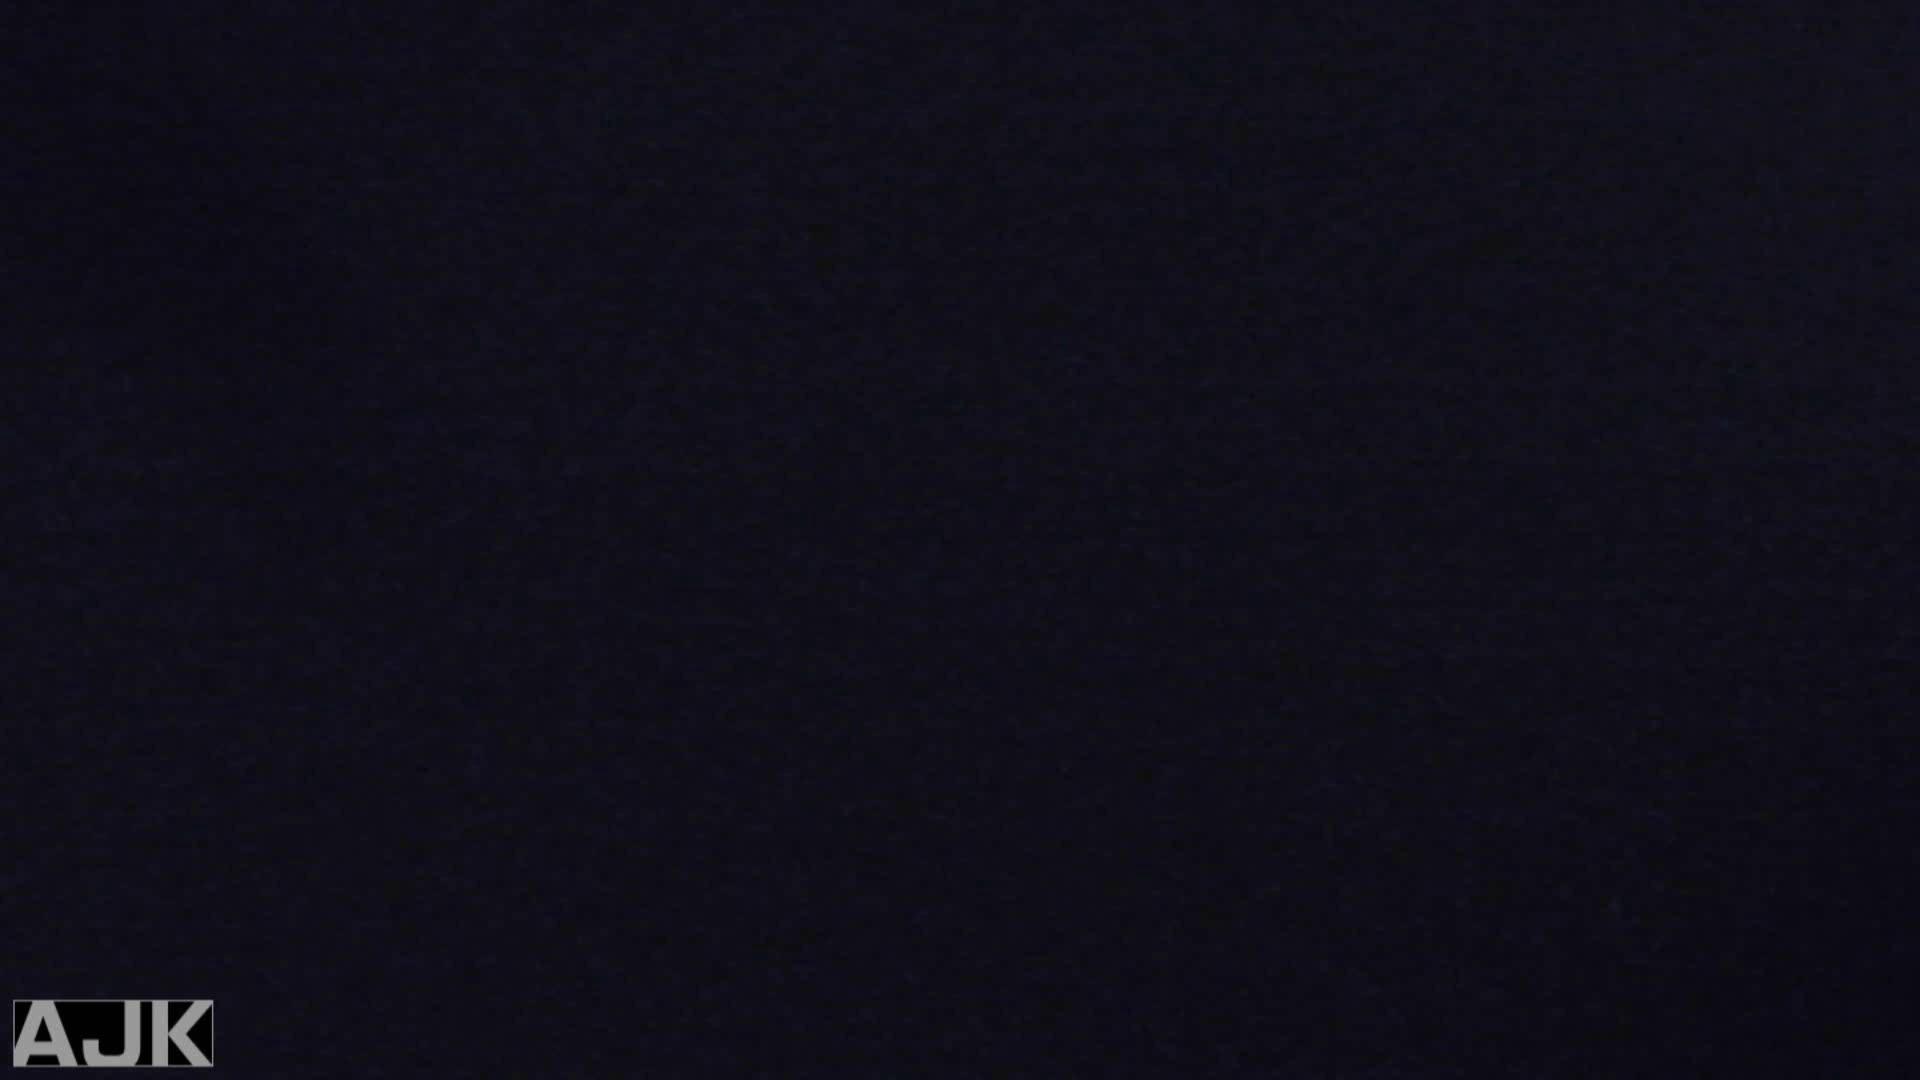 隣国上階級エリアの令嬢たちが集うデパートお手洗い Vol.23 オマンコ見放題 オメコ動画キャプチャ 76枚 61